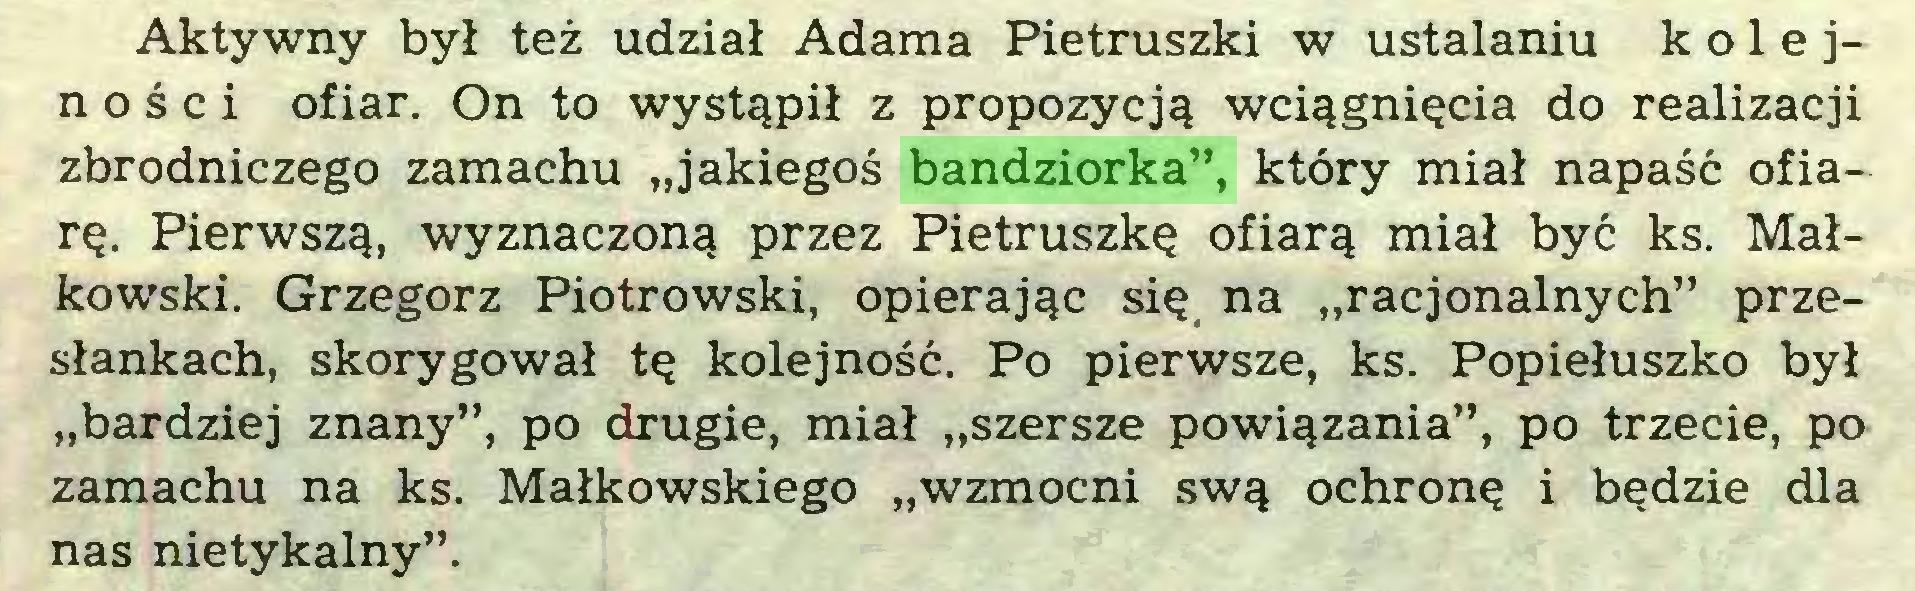 """(...) Aktywny był też udział Adama Pietruszki w ustalaniu kolejności ofiar. On to wystąpił z propozycją wciągnięcia do realizacji zbrodniczego zamachu """"jakiegoś bandziorka"""", który miał napaść ofiarę. Pierwszą, wyznaczoną przez Pietruszkę ofiarą miał być ks. Małkowski. Grzegorz Piotrowski, opierając się na """"racjonalnych"""" przesłankach, skorygował tę kolejność. Po pierwsze, ks. Popiełuszko był """"bardziej znany"""", po drugie, miał """"szersze powiązania"""", po trzecie, po zamachu na ks. Małkowskiego """"wzmocni swą ochronę i będzie dla nas nietykalny""""..."""